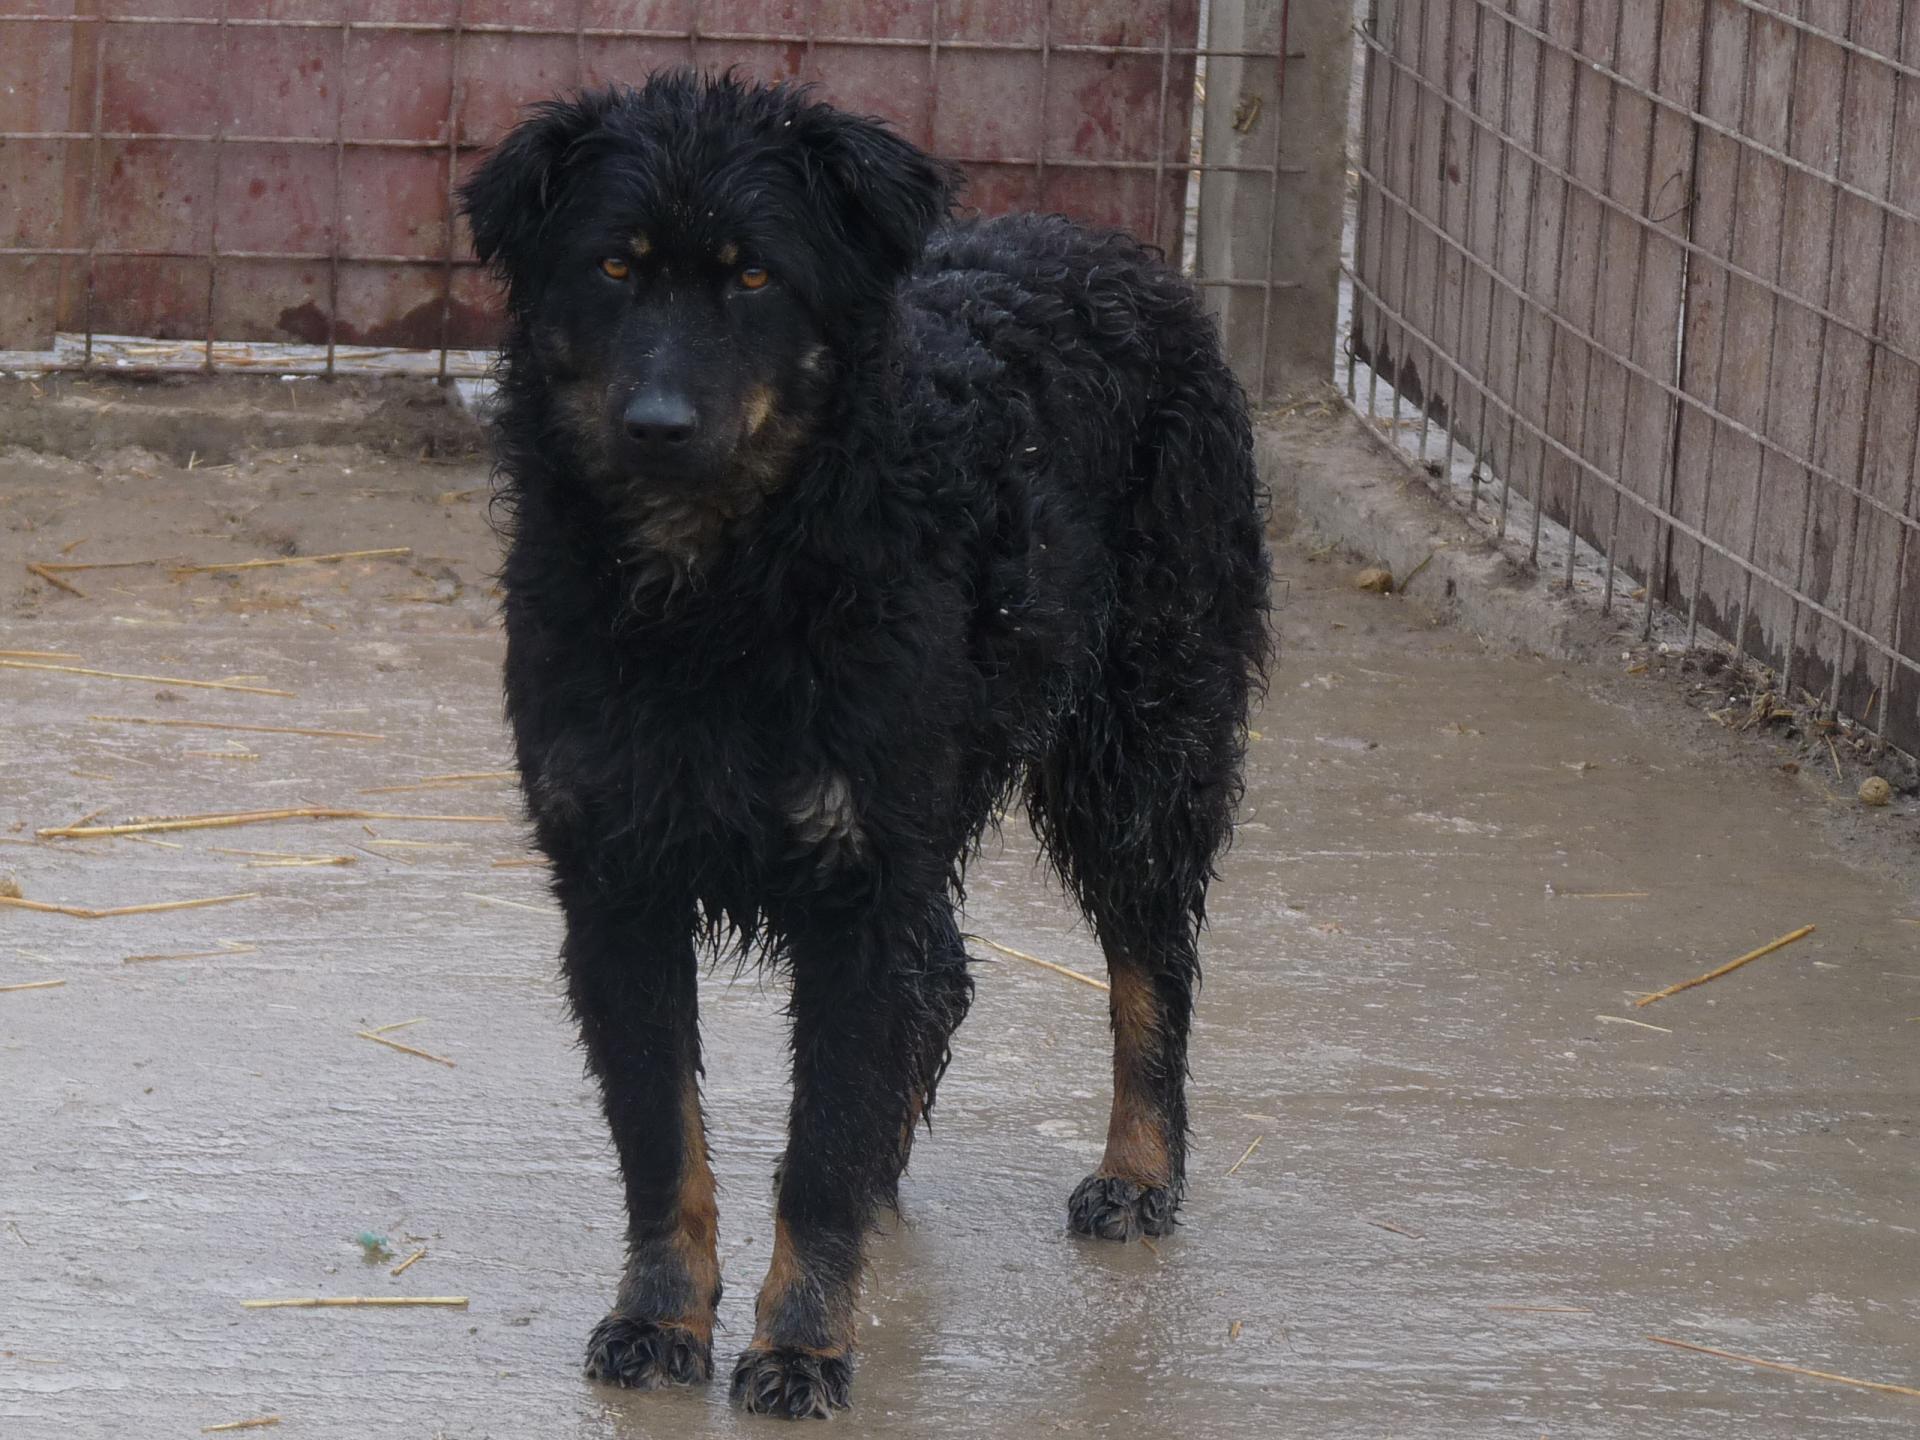 MELINA - x mudi 5 ans - (5 ans de refuge) Asso Nobodys dog - Becej (Serbie) P1780252